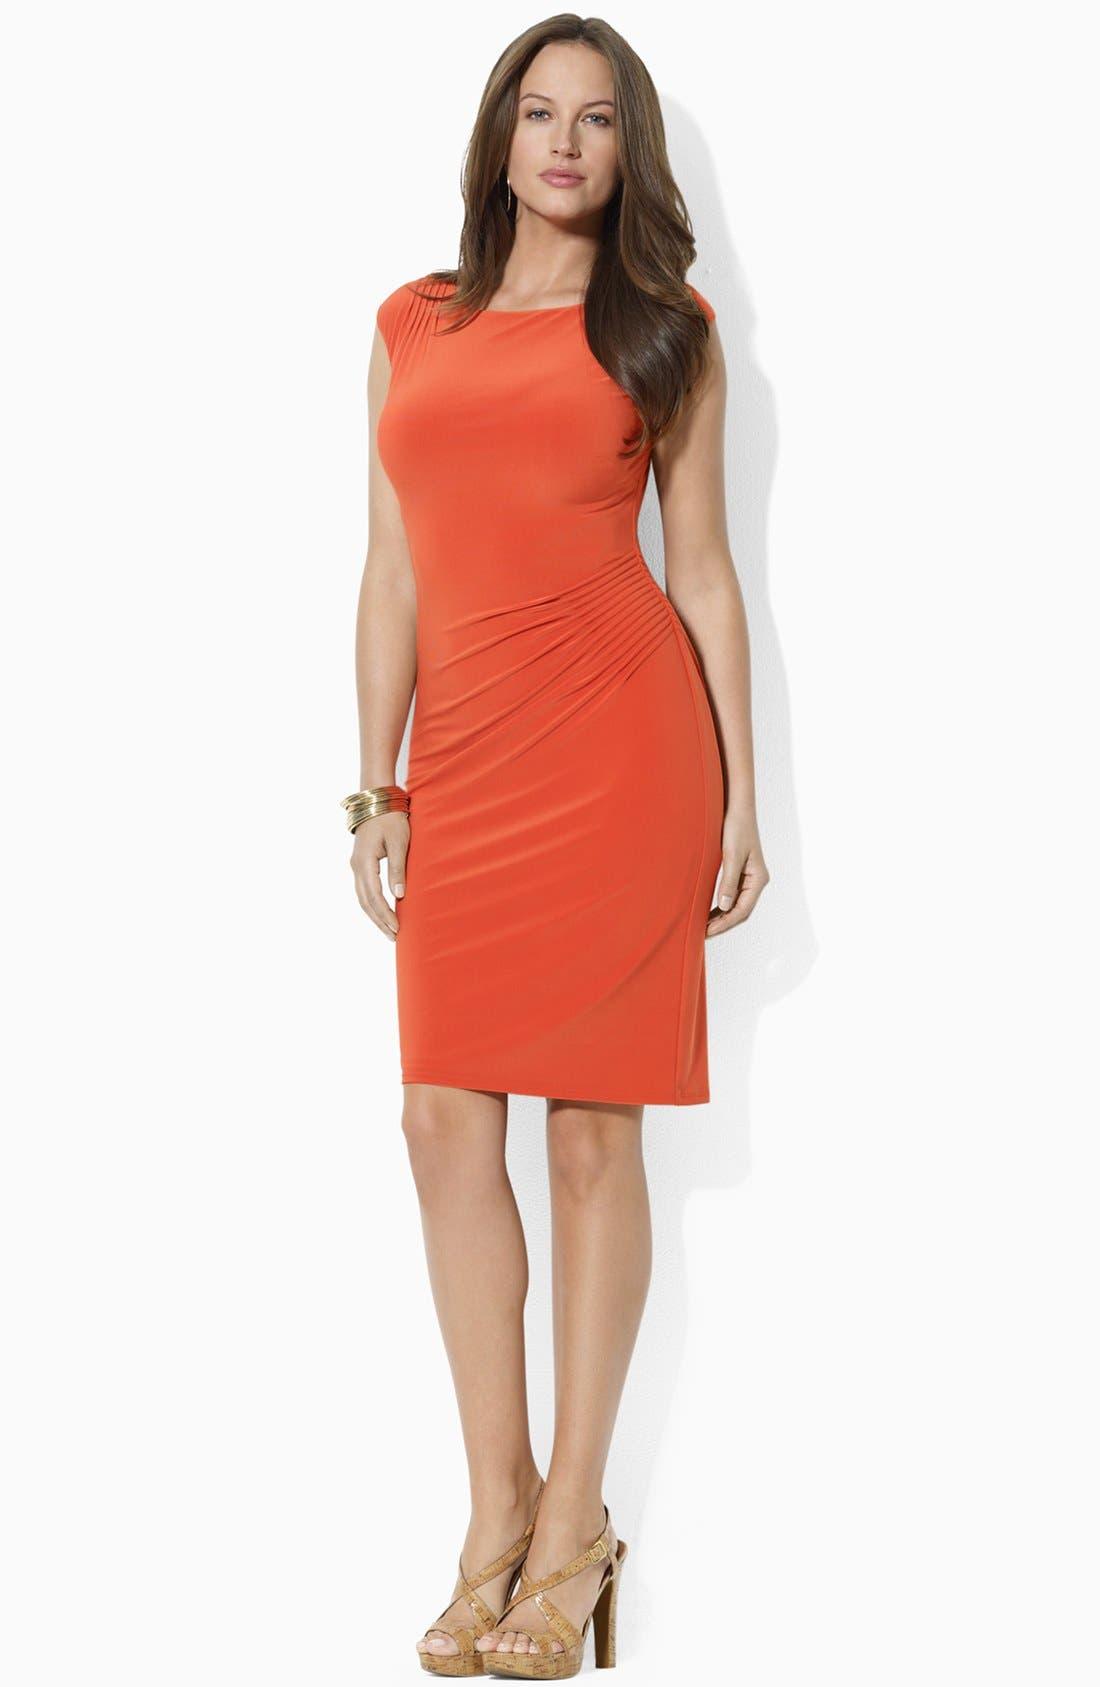 Alternate Image 1 Selected - Lauren Ralph Lauren Pintucked Jersey Sheath Dress (Plus Size)